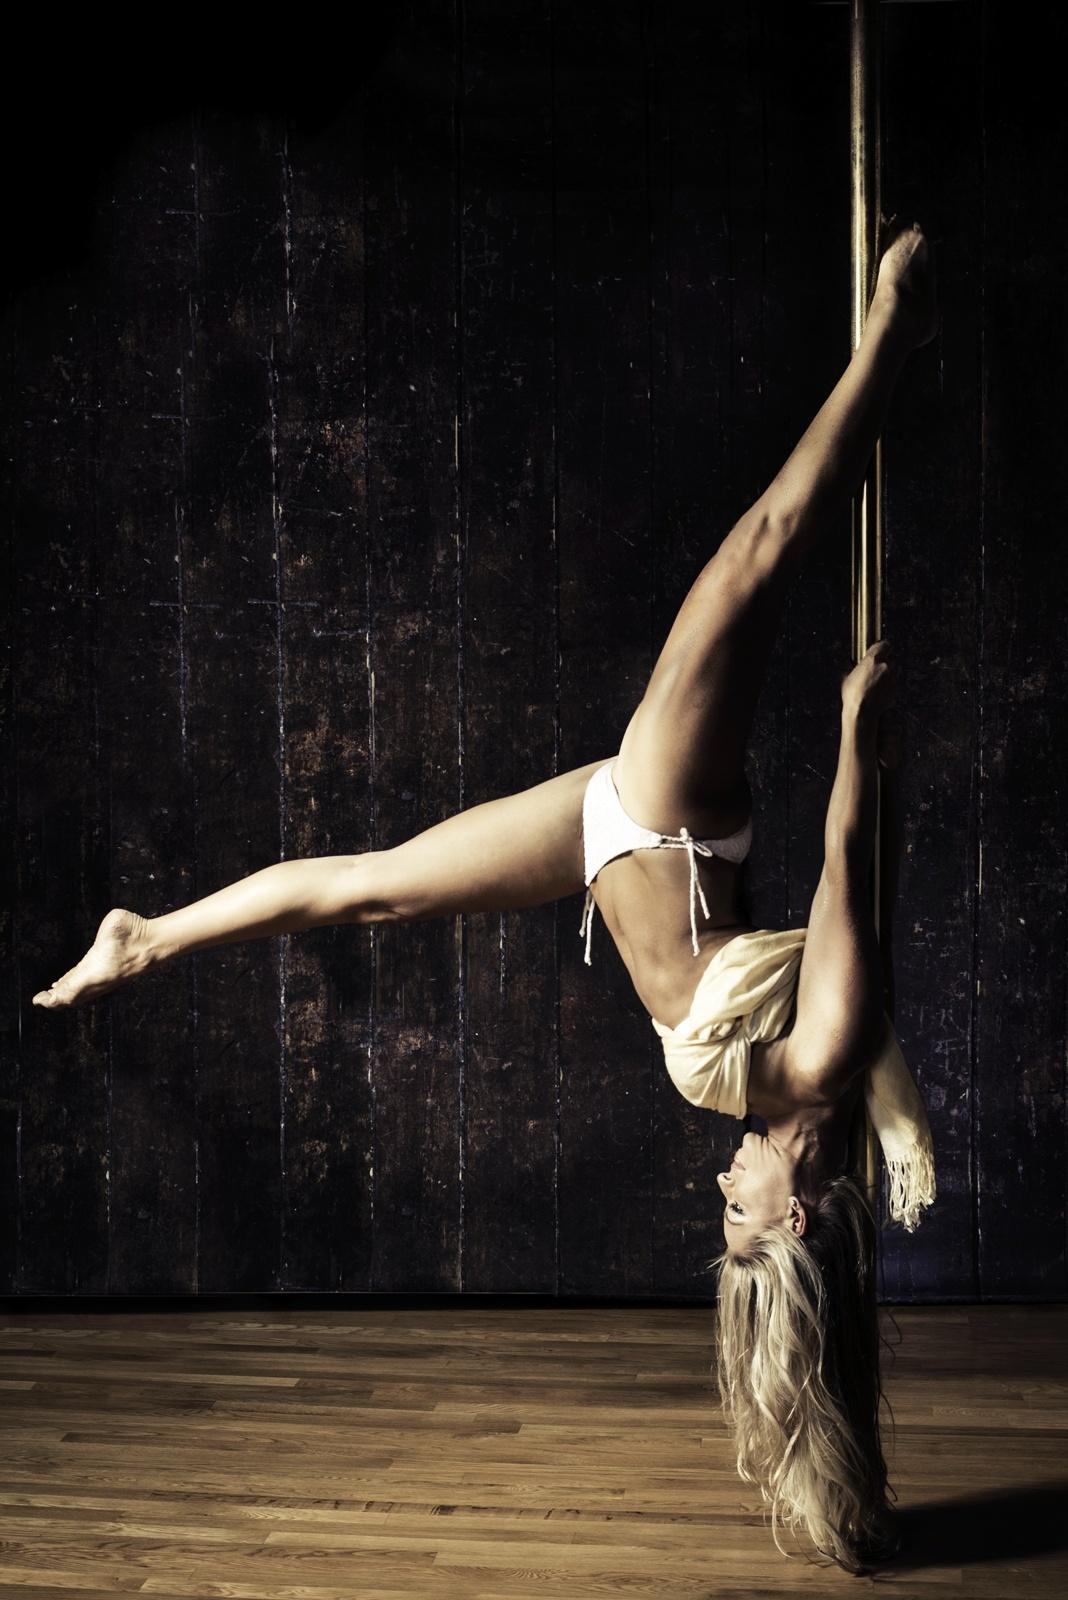 mary pole dance 2013-3web.jpg